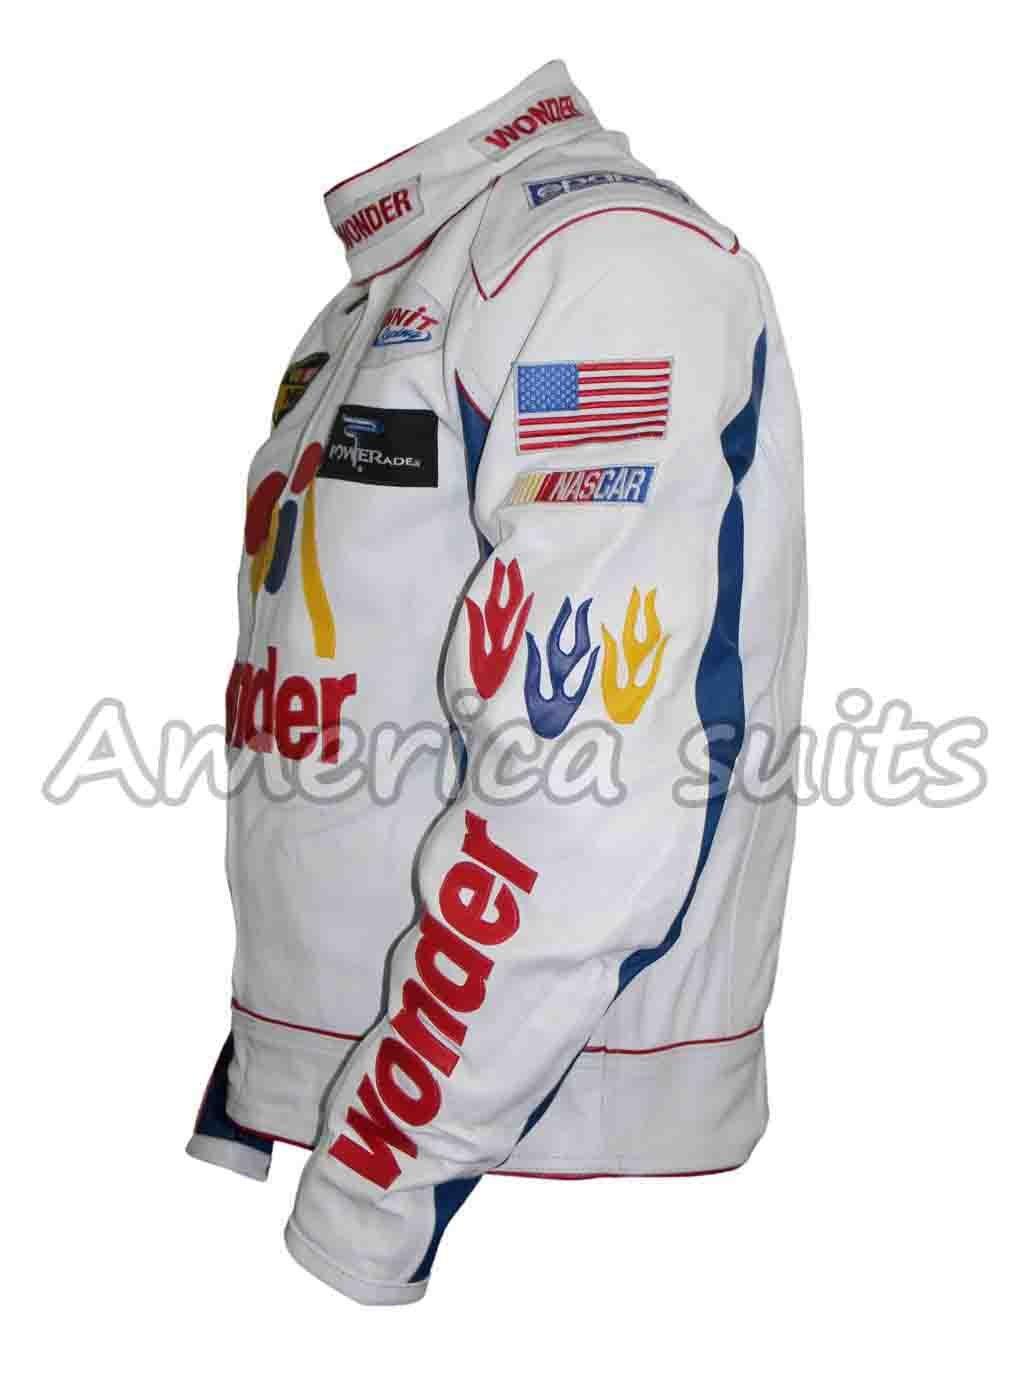 Wonder Bread Nascar Jacket